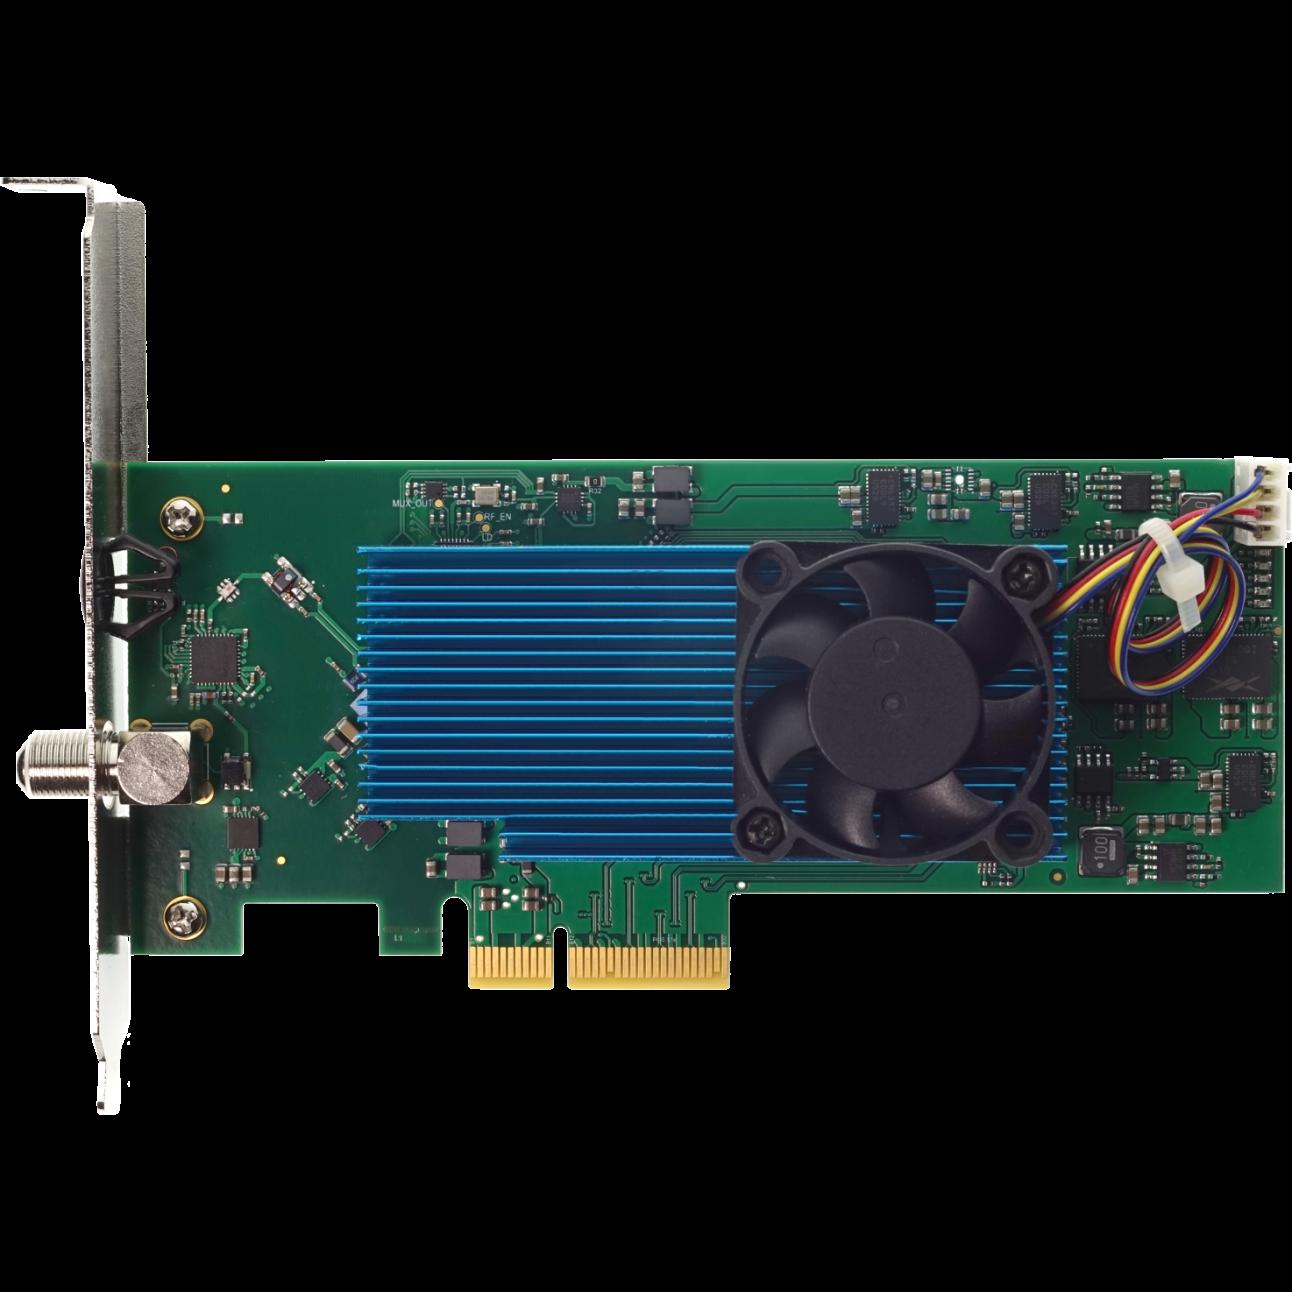 Карта аналогового модулятора на 16 каналов PCIe X4 (used)